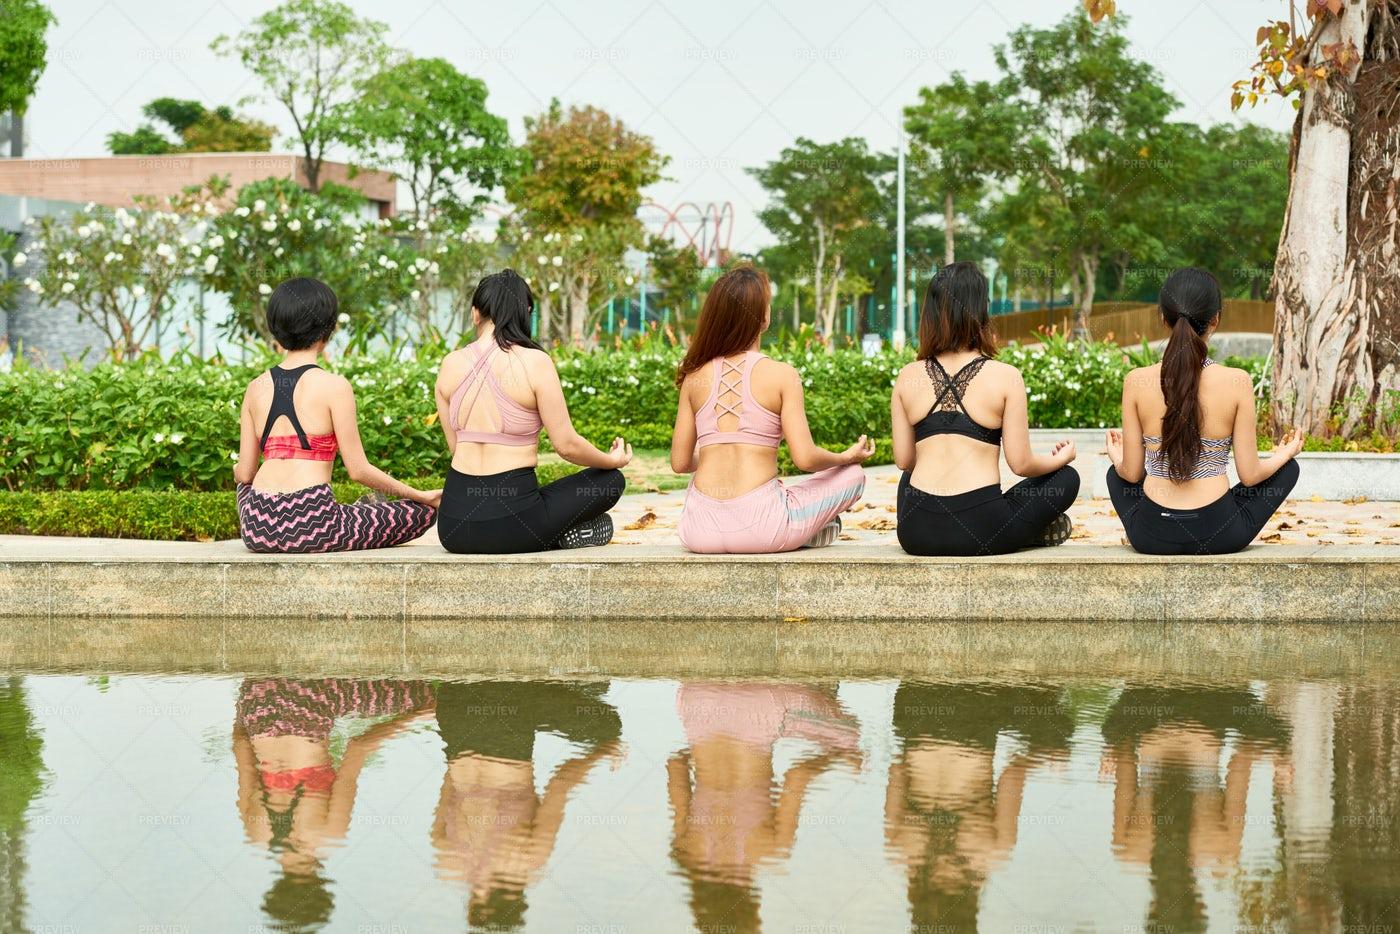 Women Meditating In Summer Park: Stock Photos